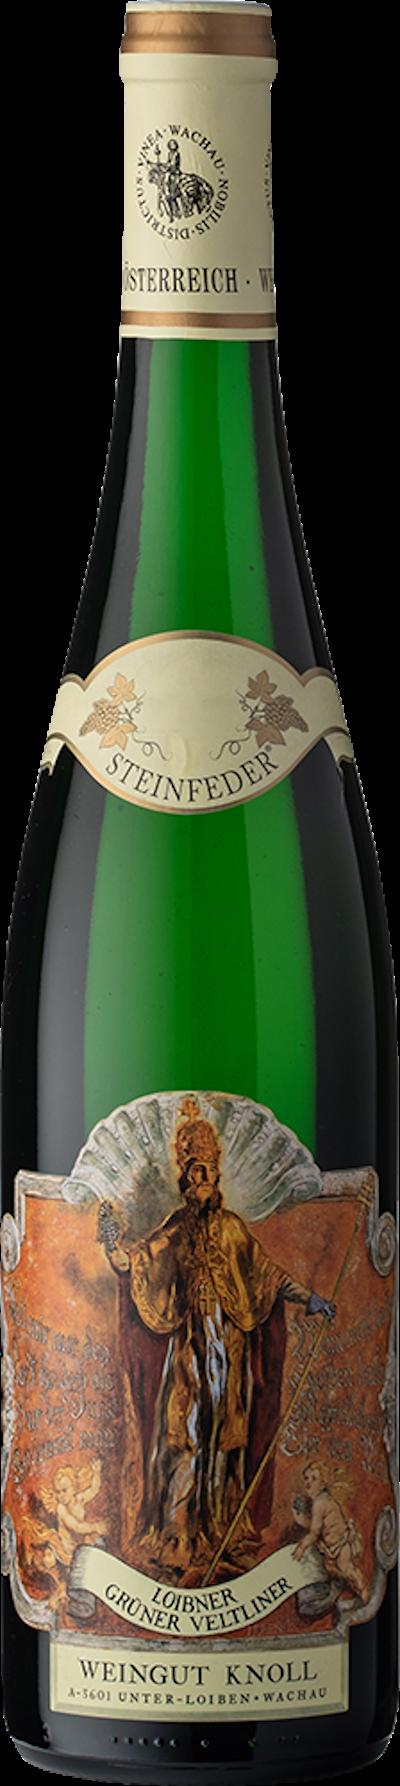 Knoll - Grüner Veltliner Steinfeder